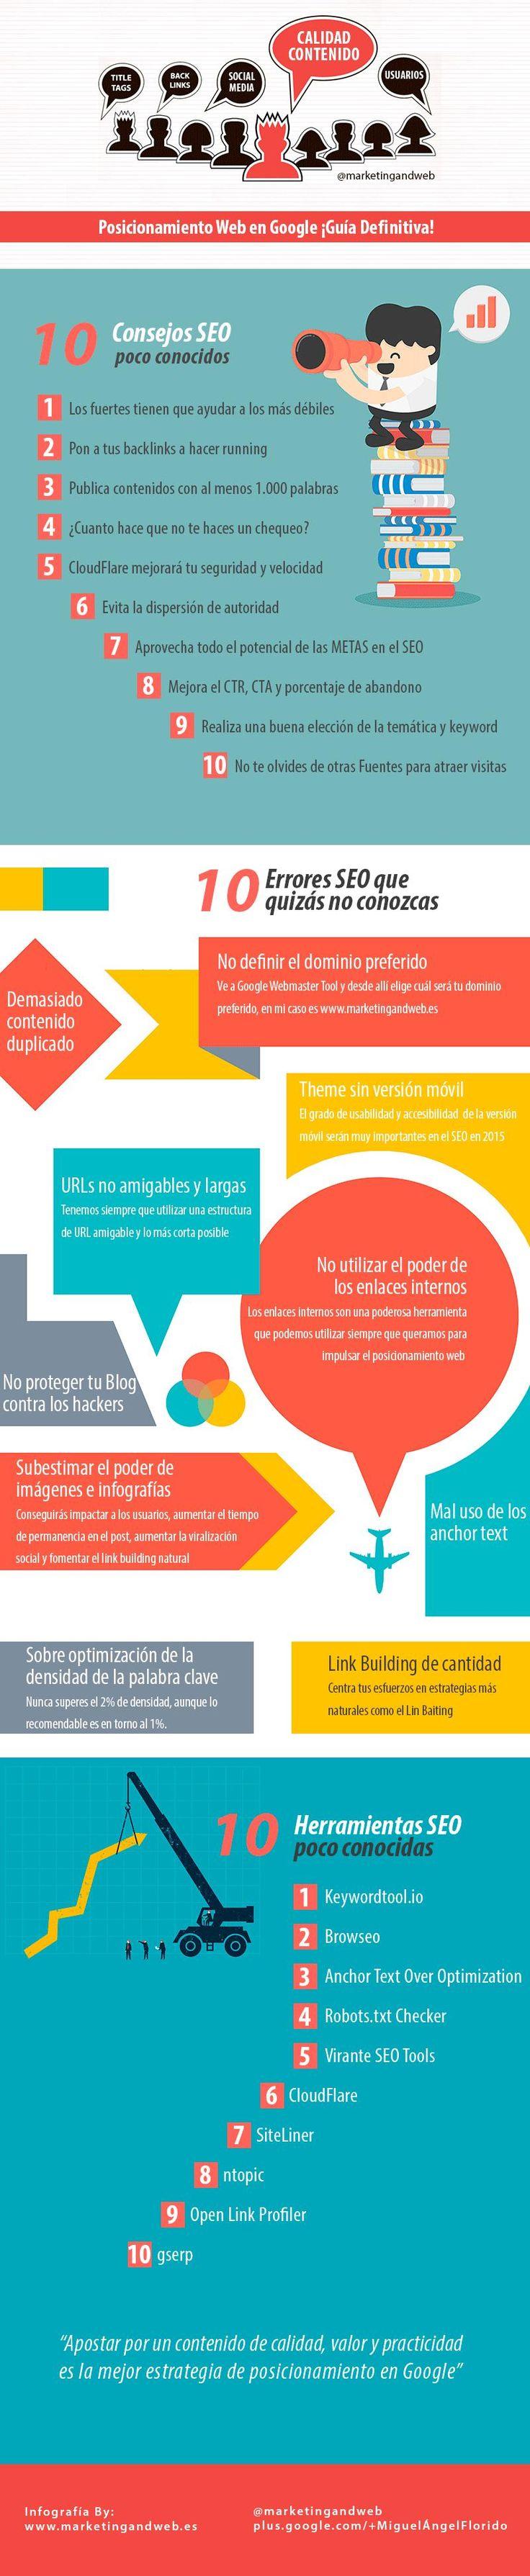 Una excelente infografía en español con consejos y técnicas, la mayoría poco conocidas, para mejorar el posicionamiento web en el gigante de las búsquedas.